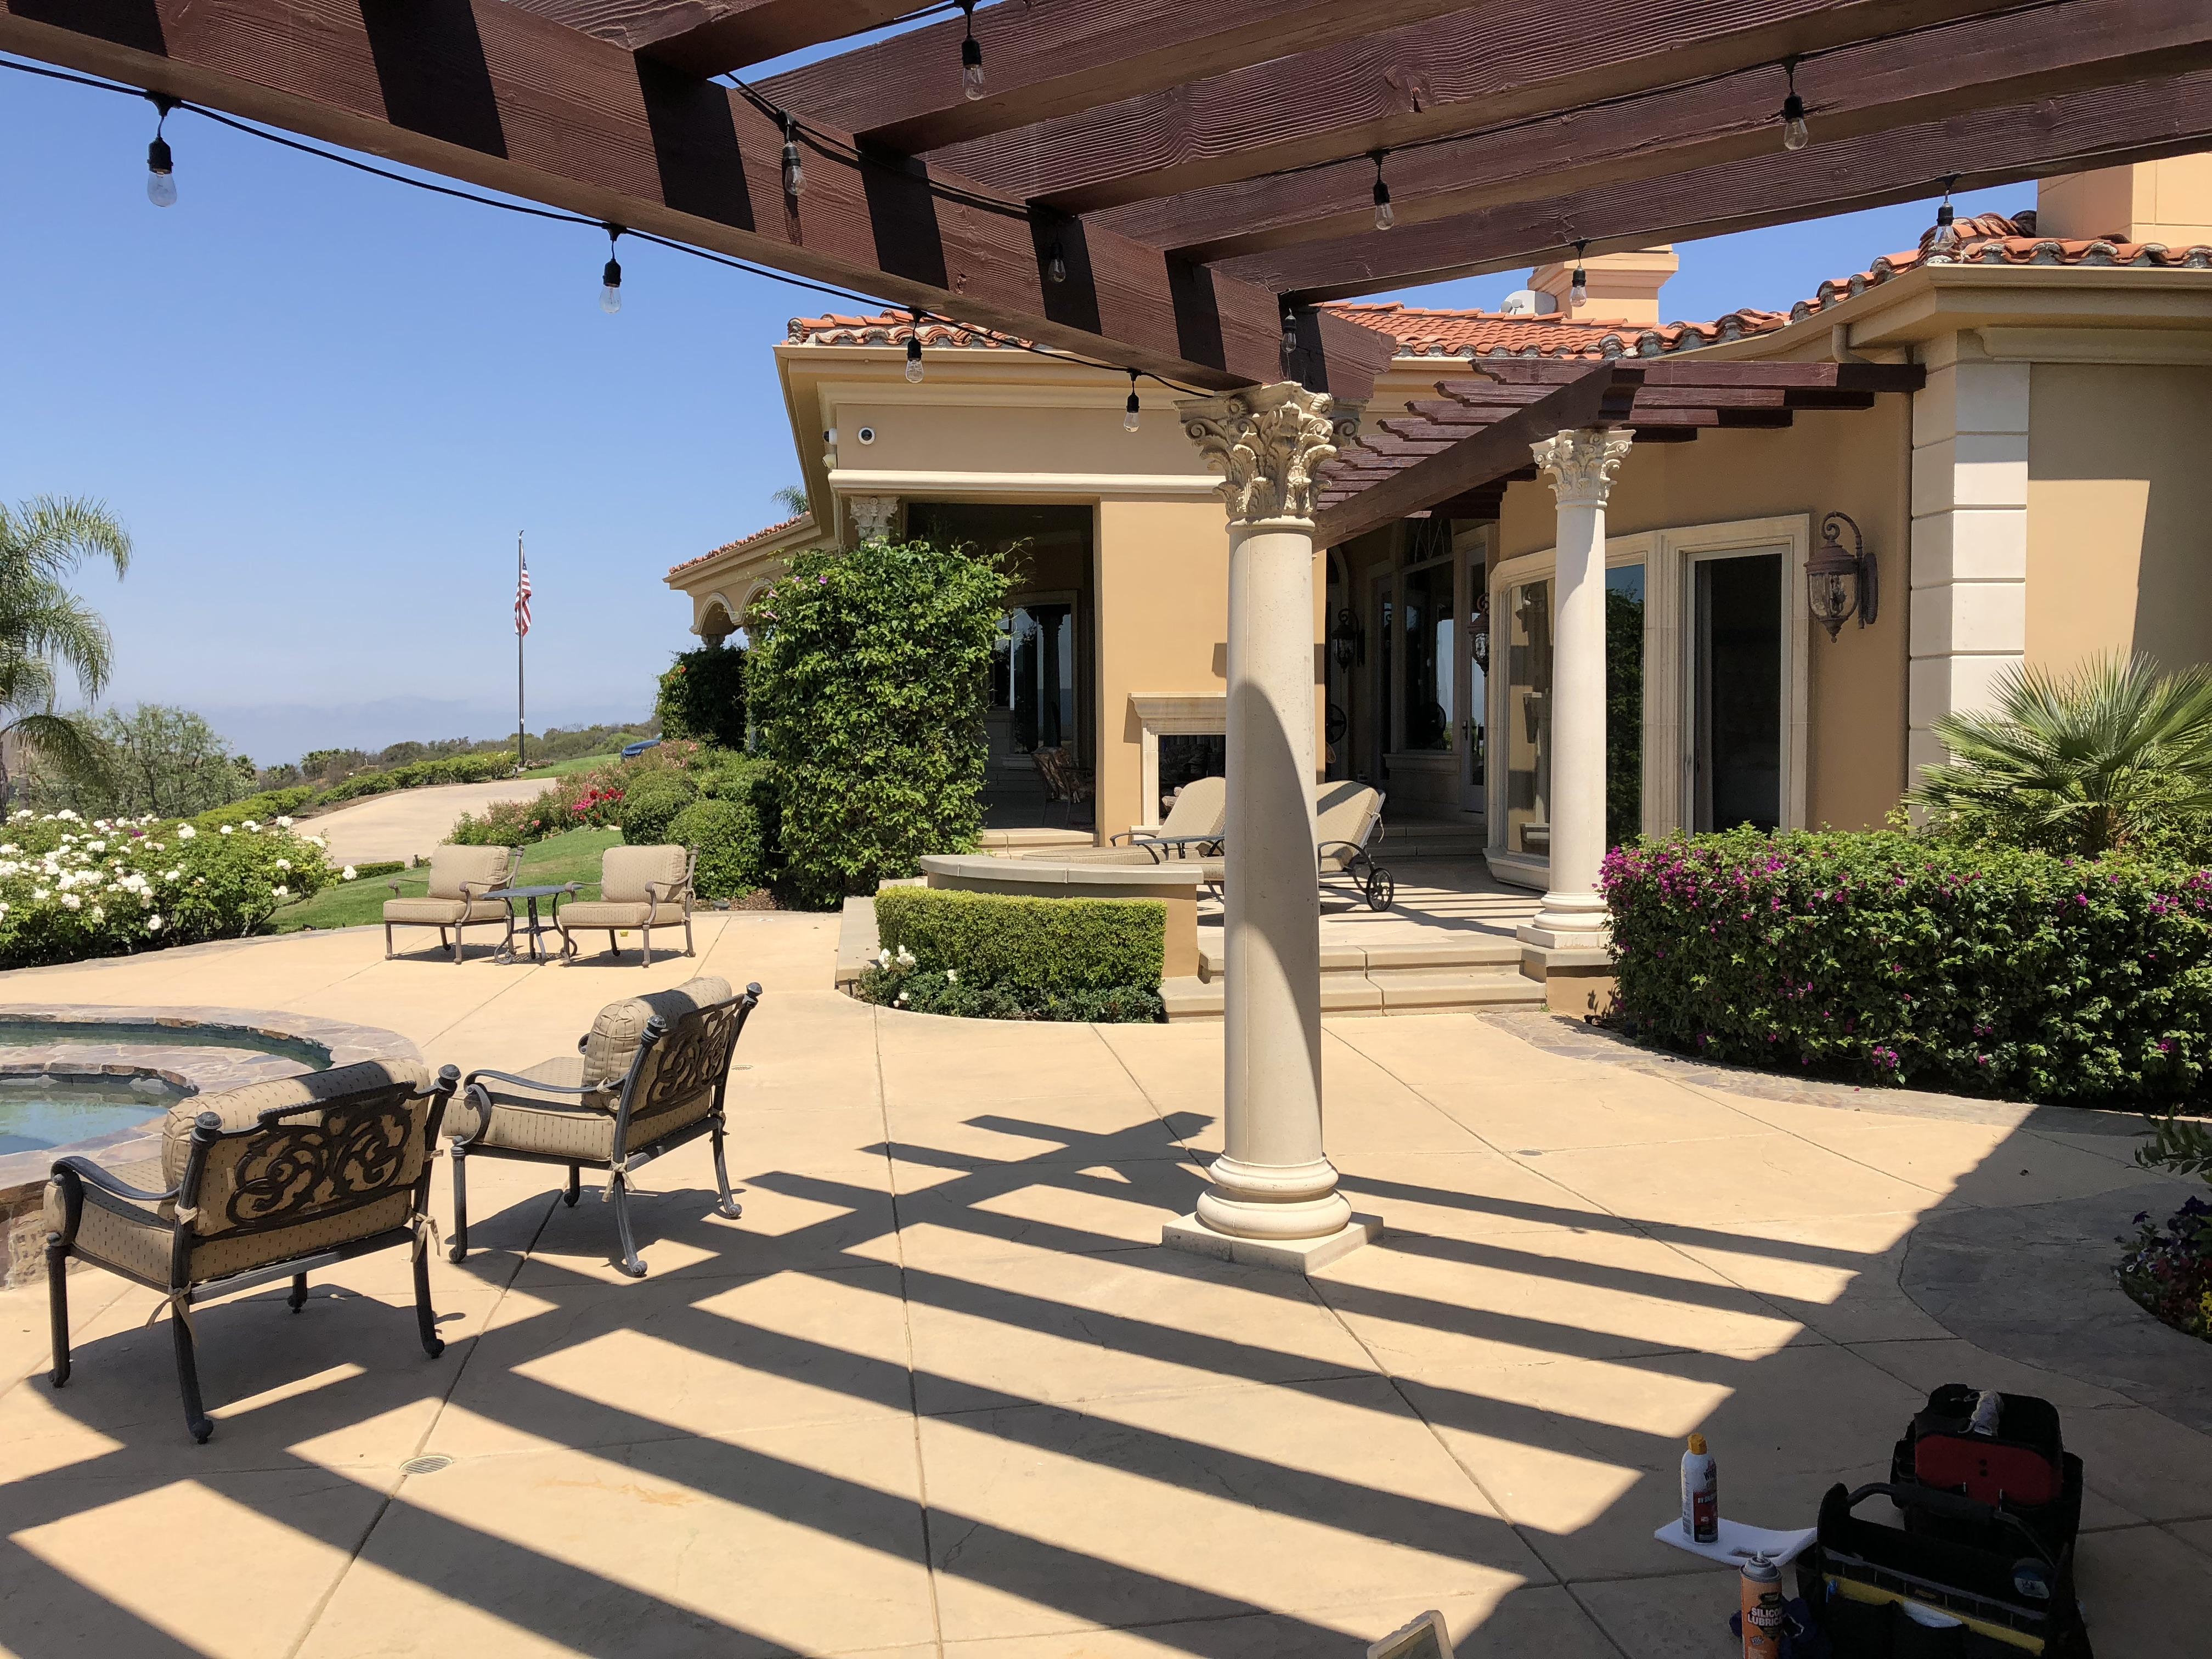 Hinged patio door model vista in dessert tan in Calabasas